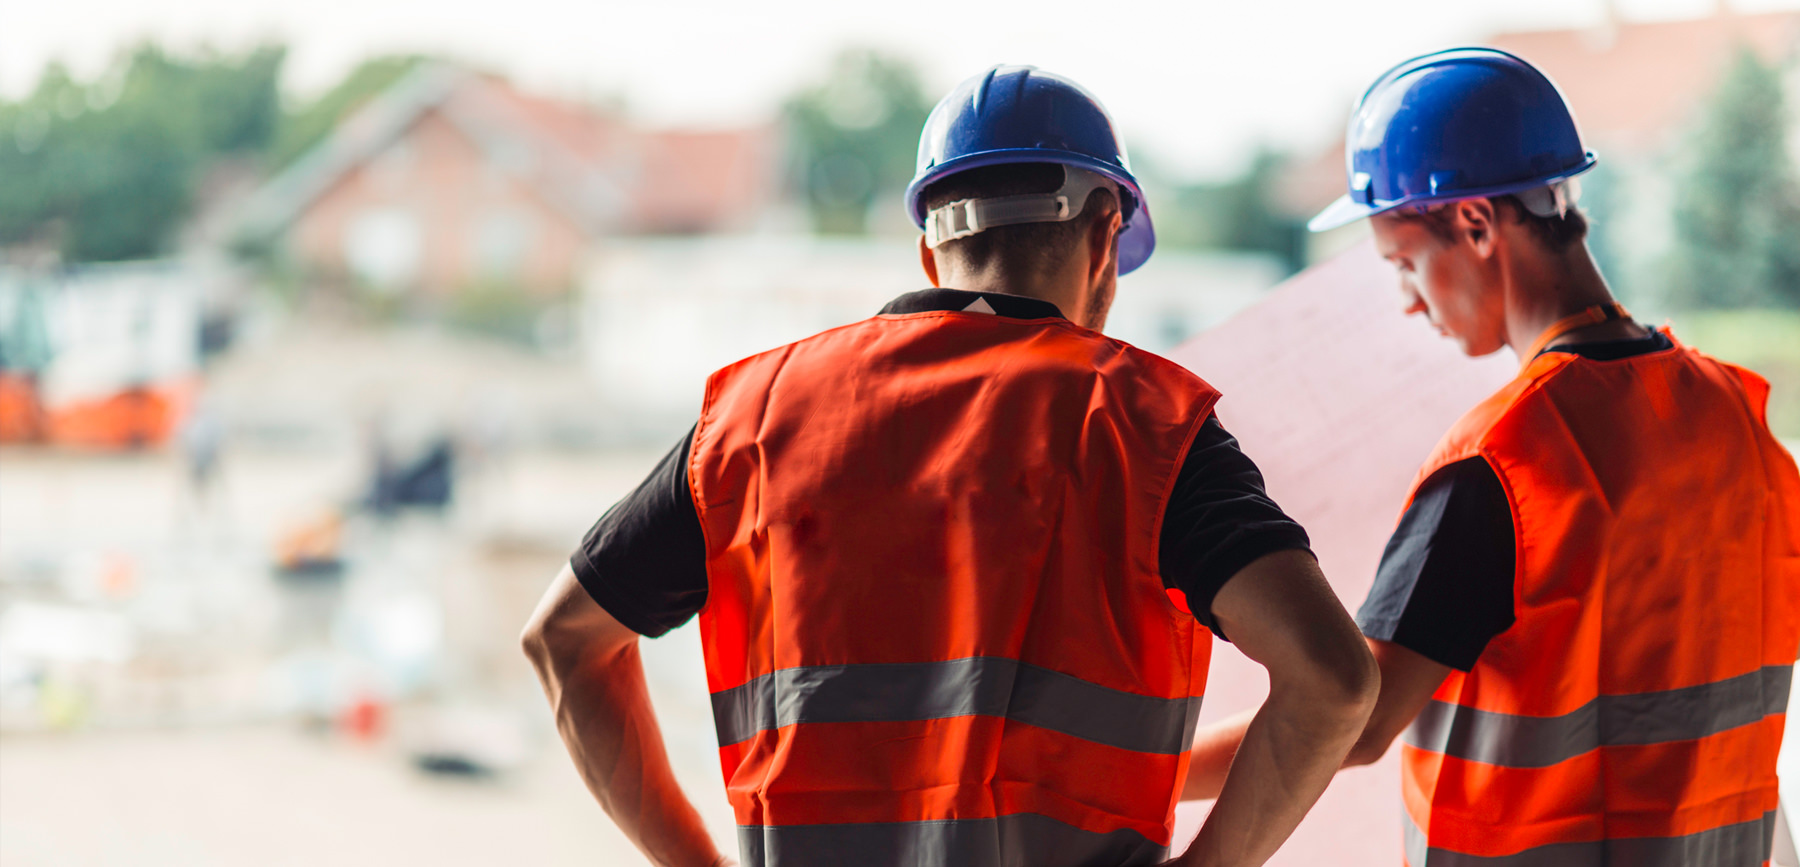 Construction workers in hi-vis